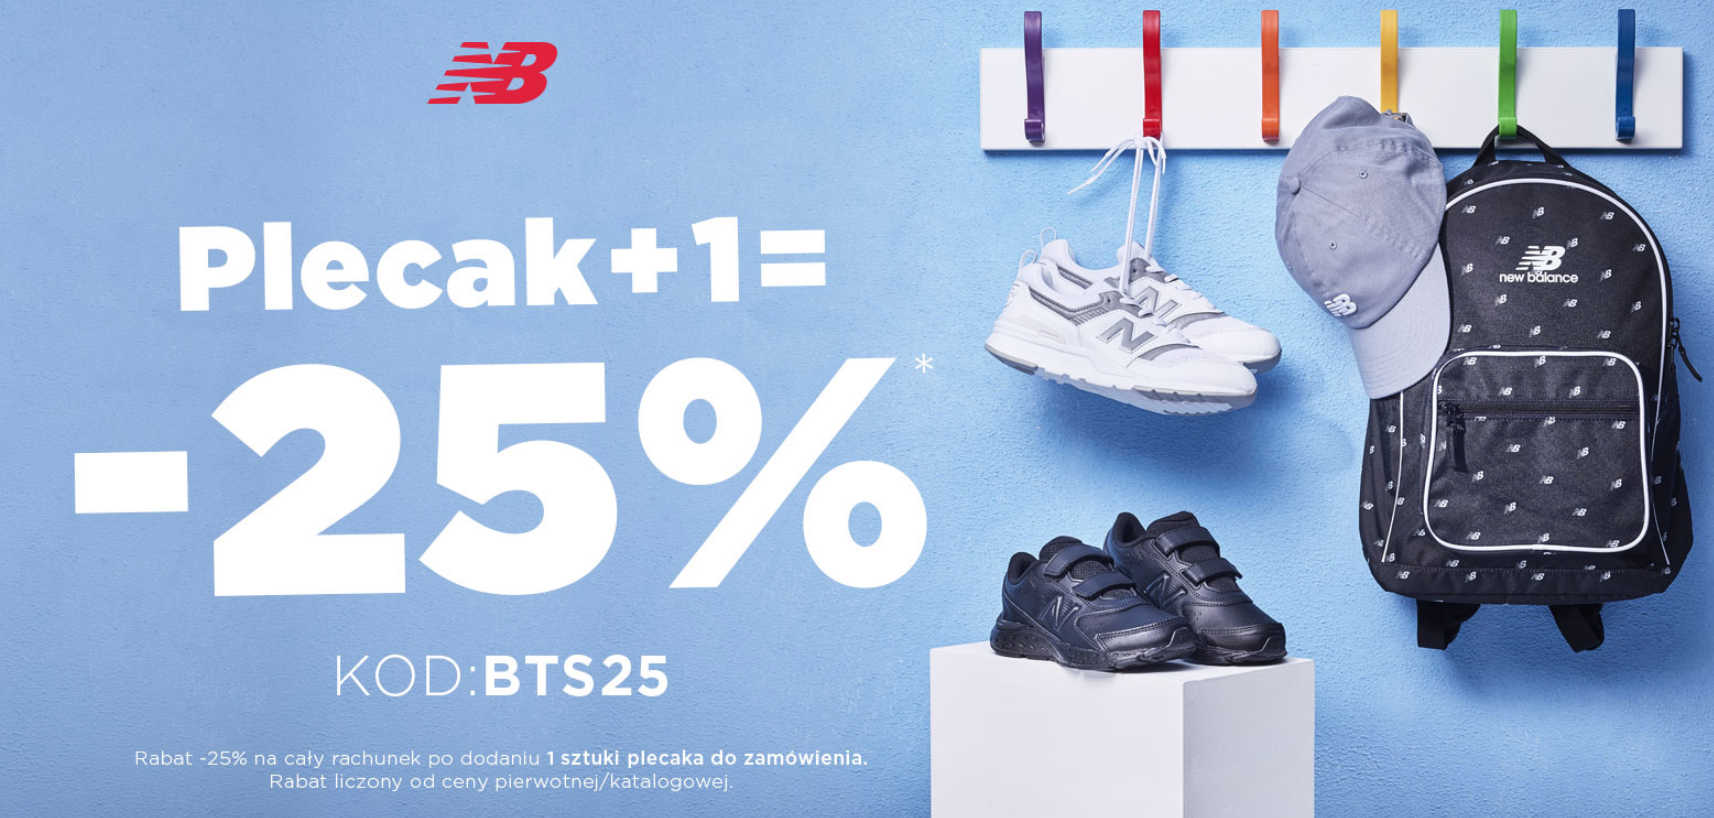 New Balance: 25% rabatu za 1+plecak